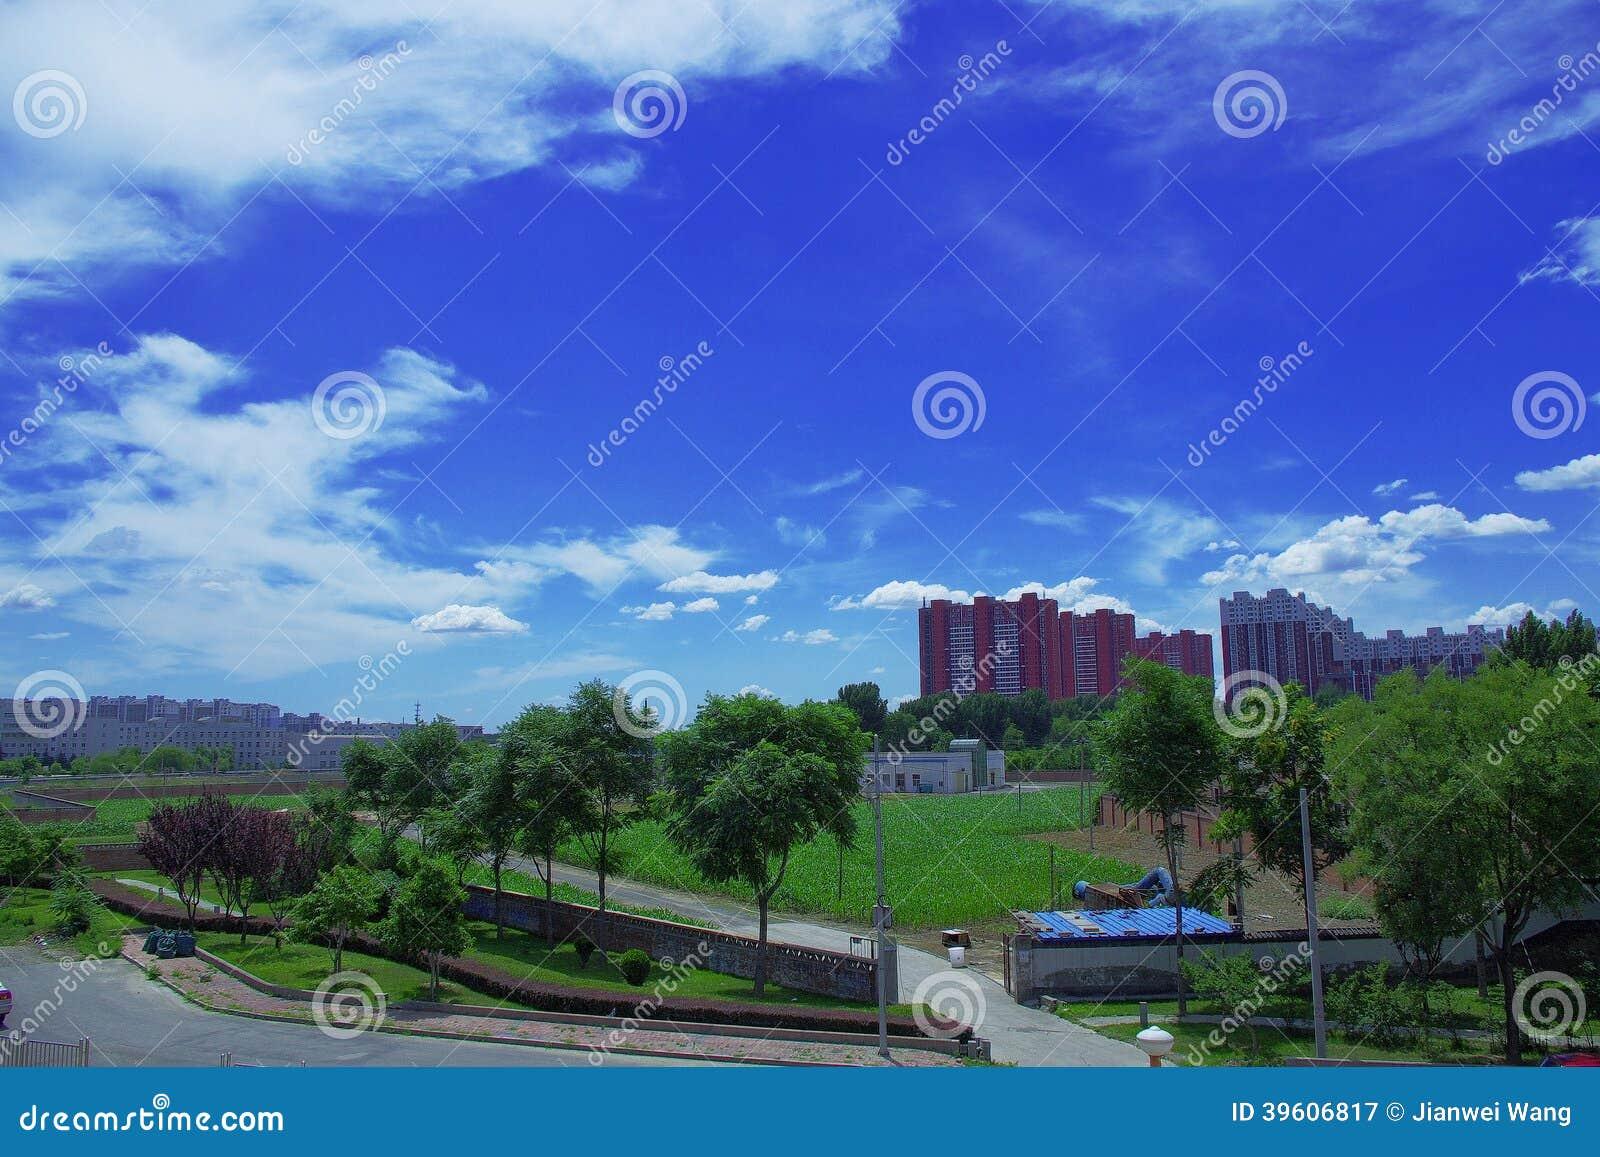 Un campo di grano intorno alle costruzioni e cielo blu con il cielo a pecorelle